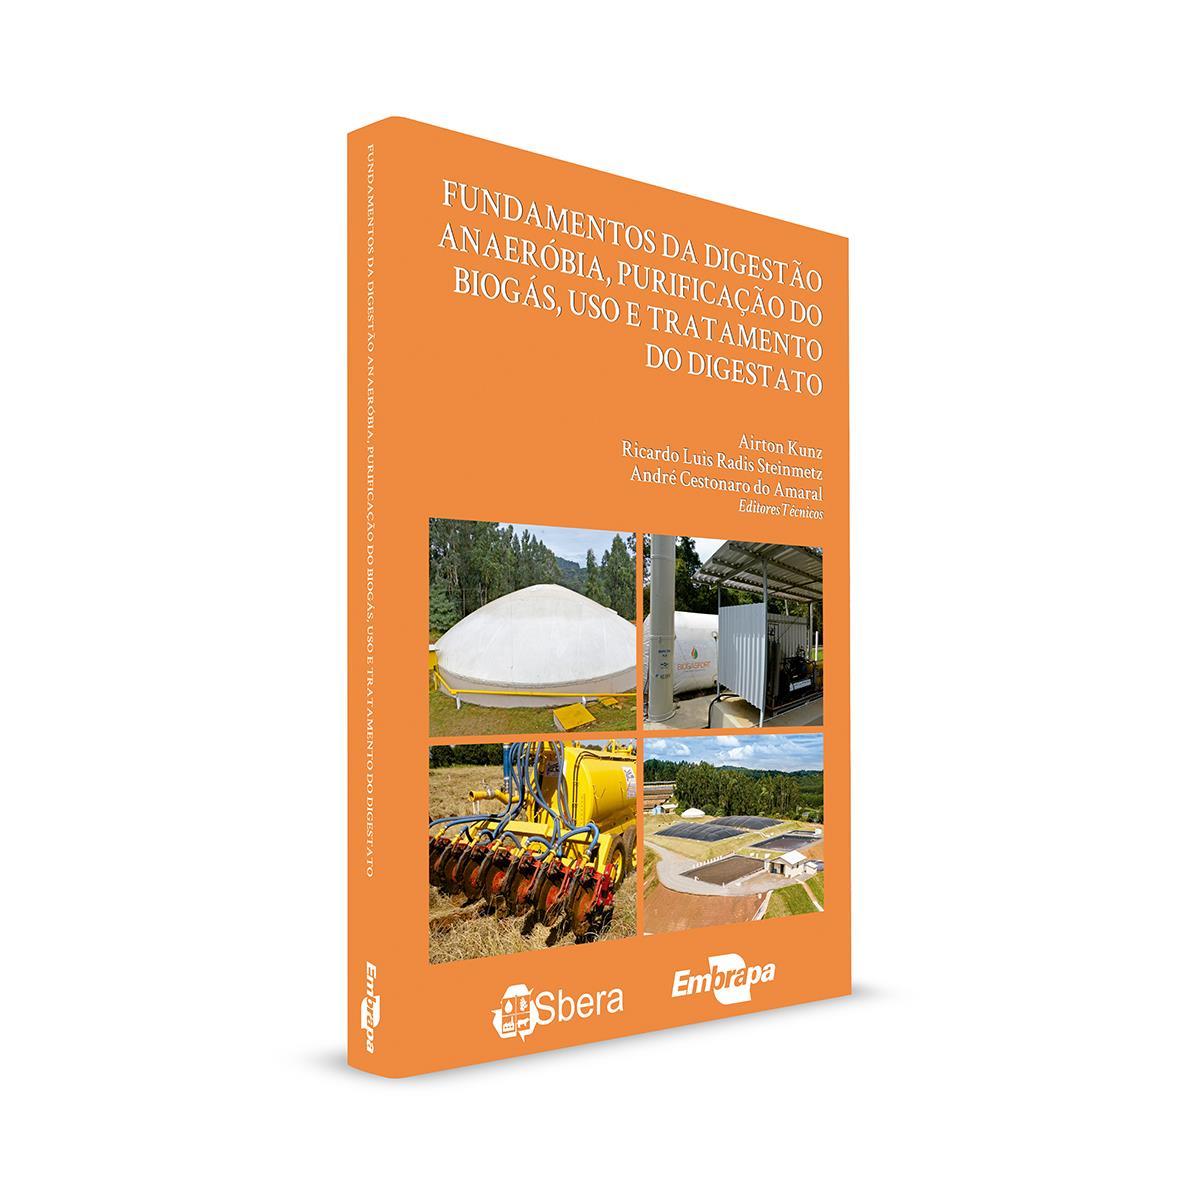 Embrapa lança livro sobre produção e purificação de biogás, uso agrícola e tratamento do digestato